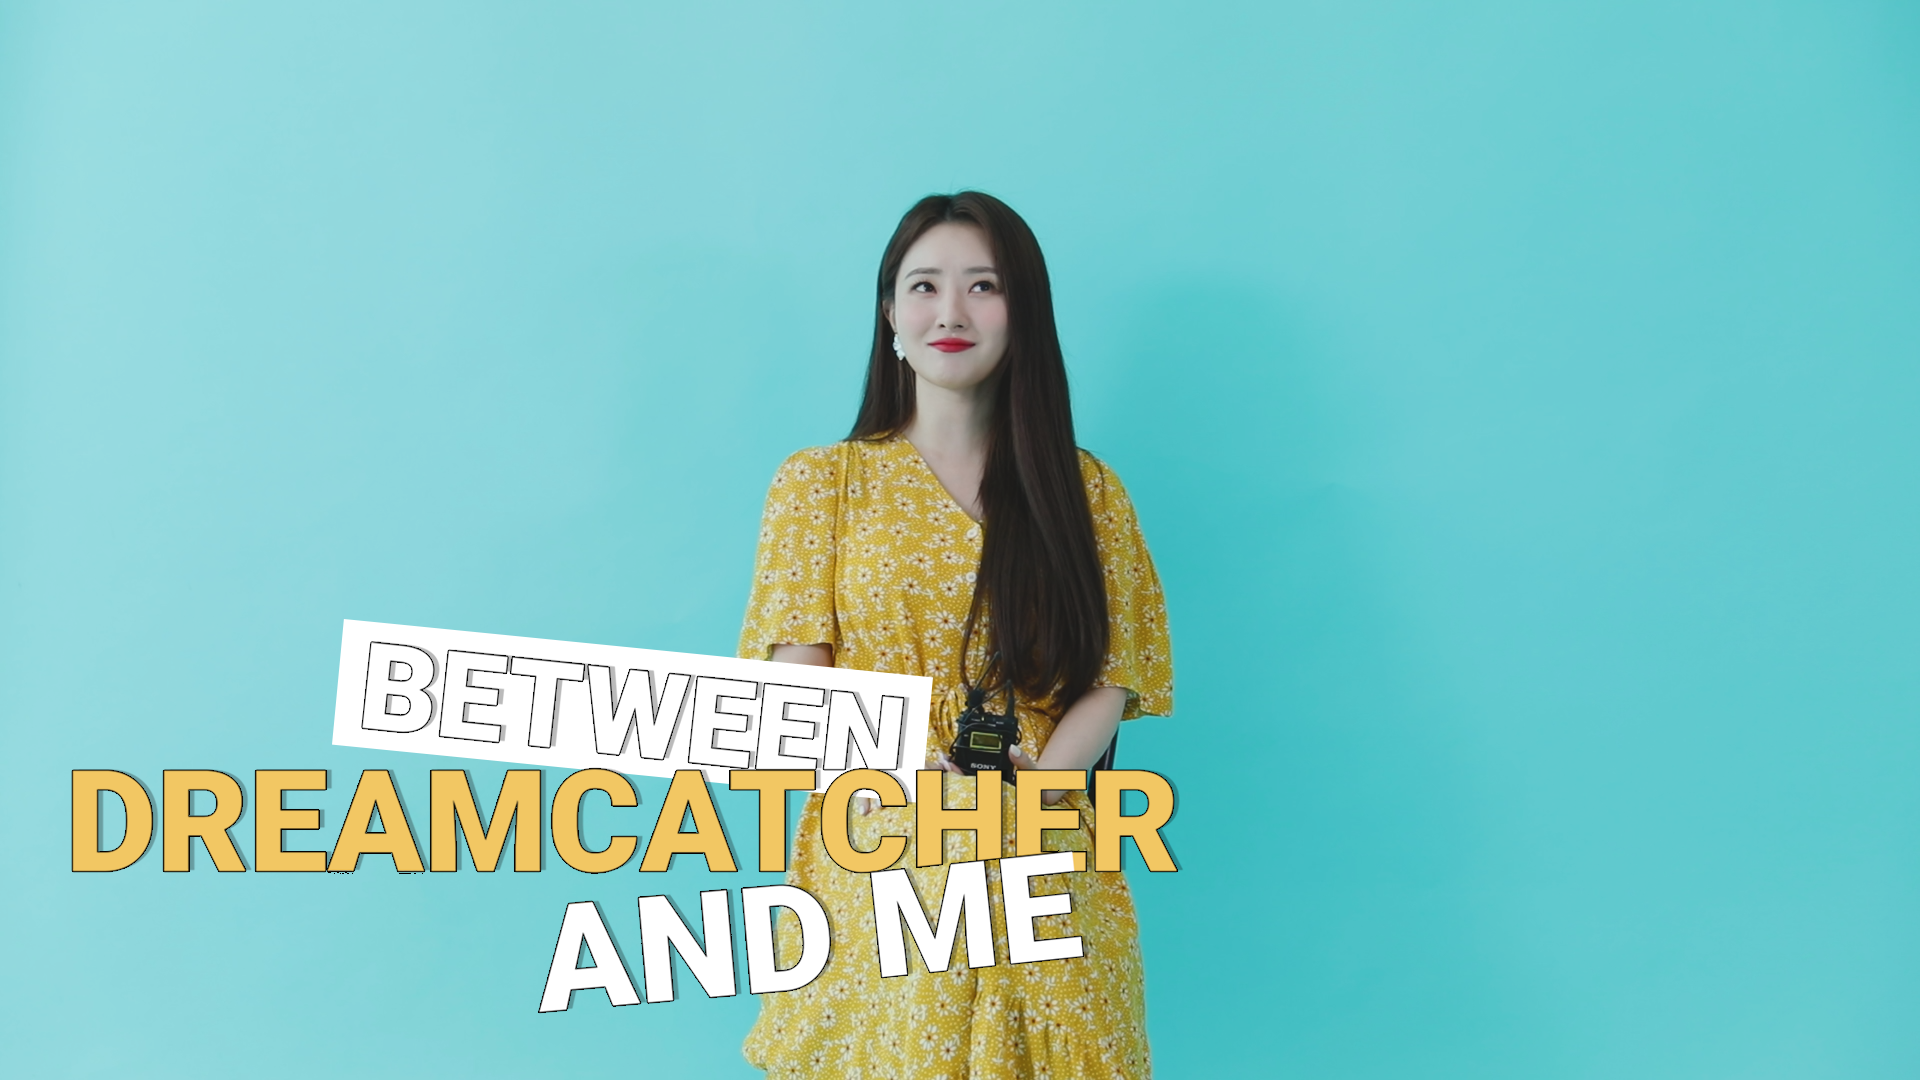 BETWEEN DREAMCATCHER AND ME | 버릇